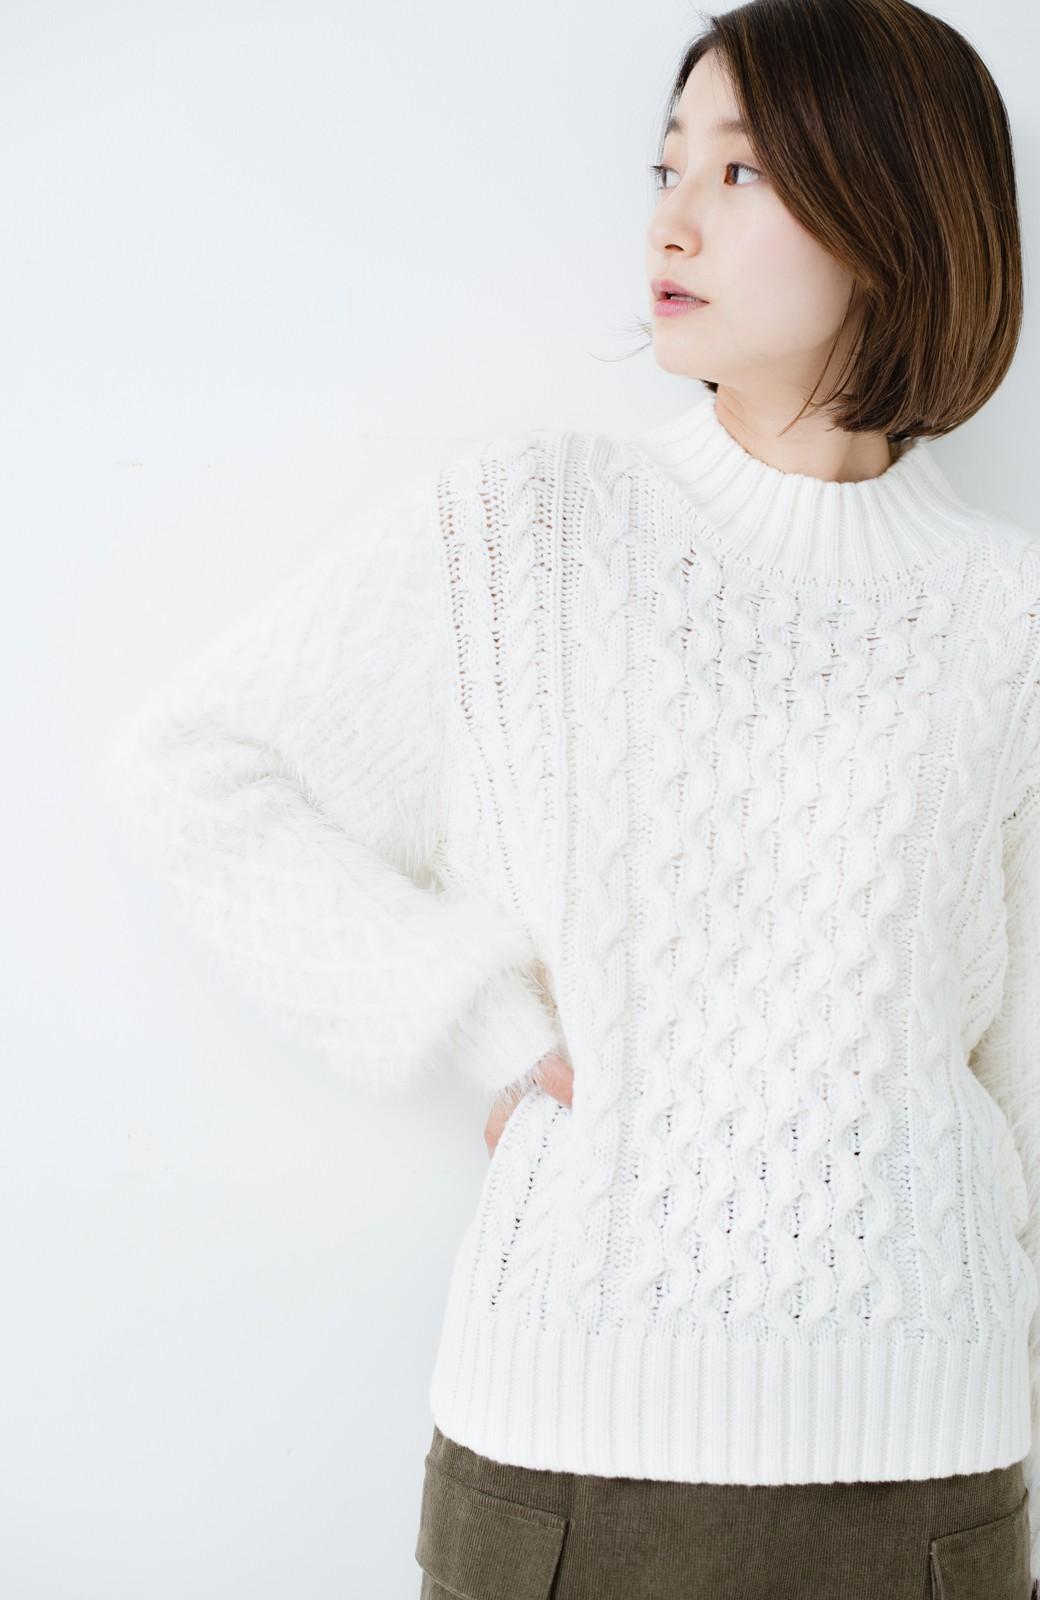 haco! ケーブル編みの袖フェザーヤーンニットトップス <ホワイト>の商品写真12